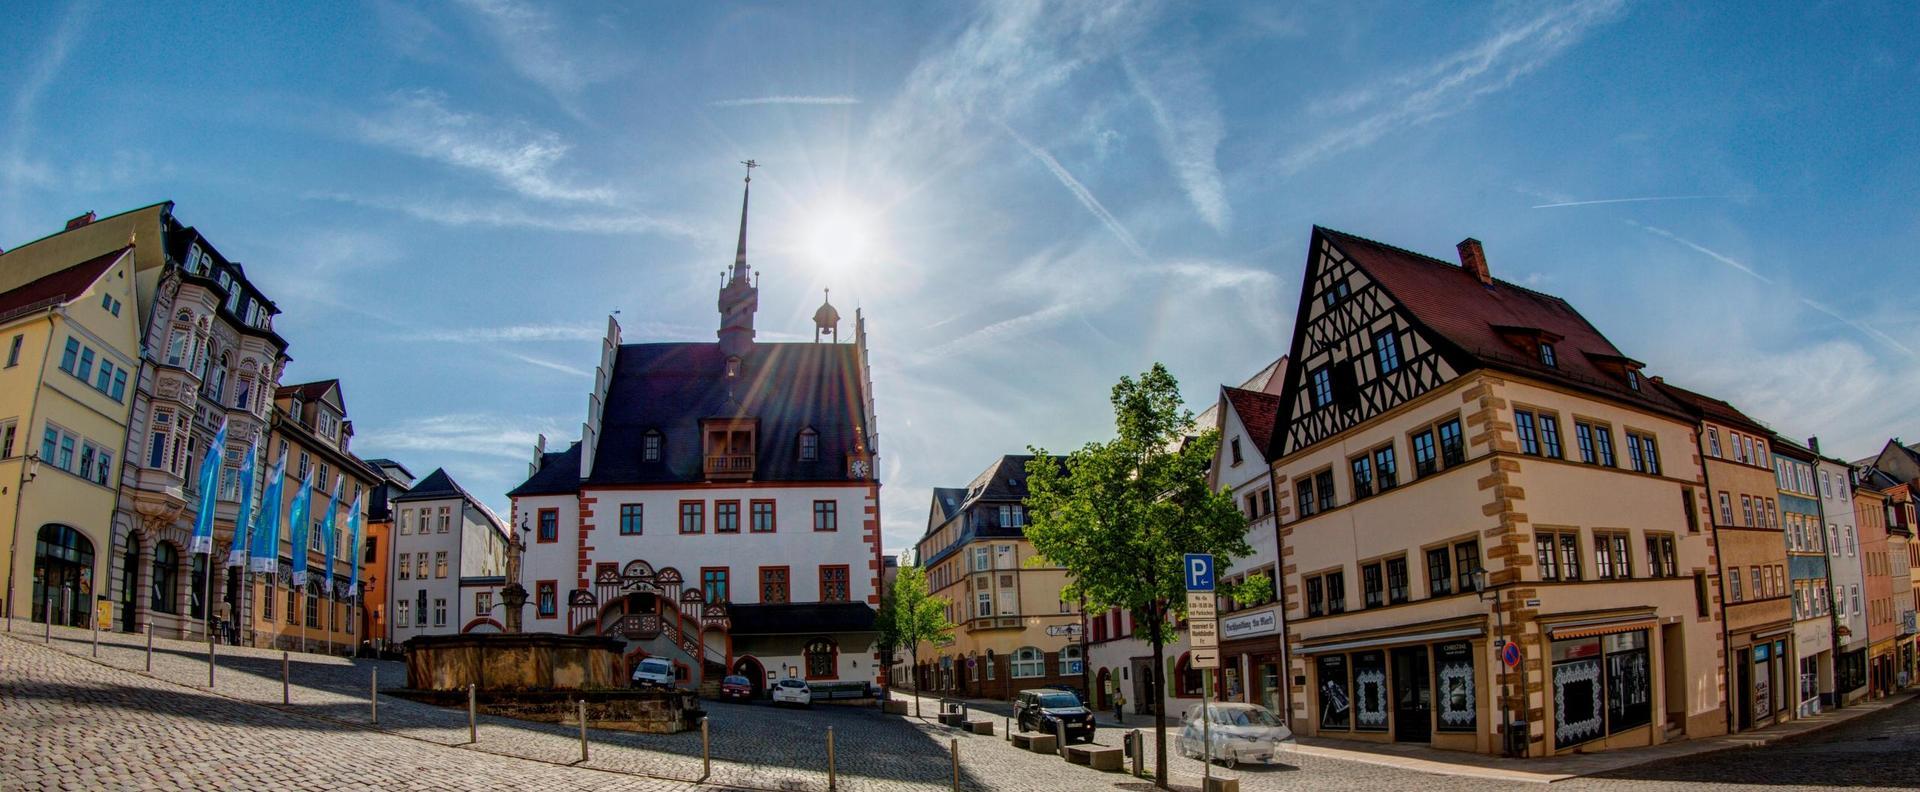 Pößneck (Thüringen) putzen! zum World Cleanup Day